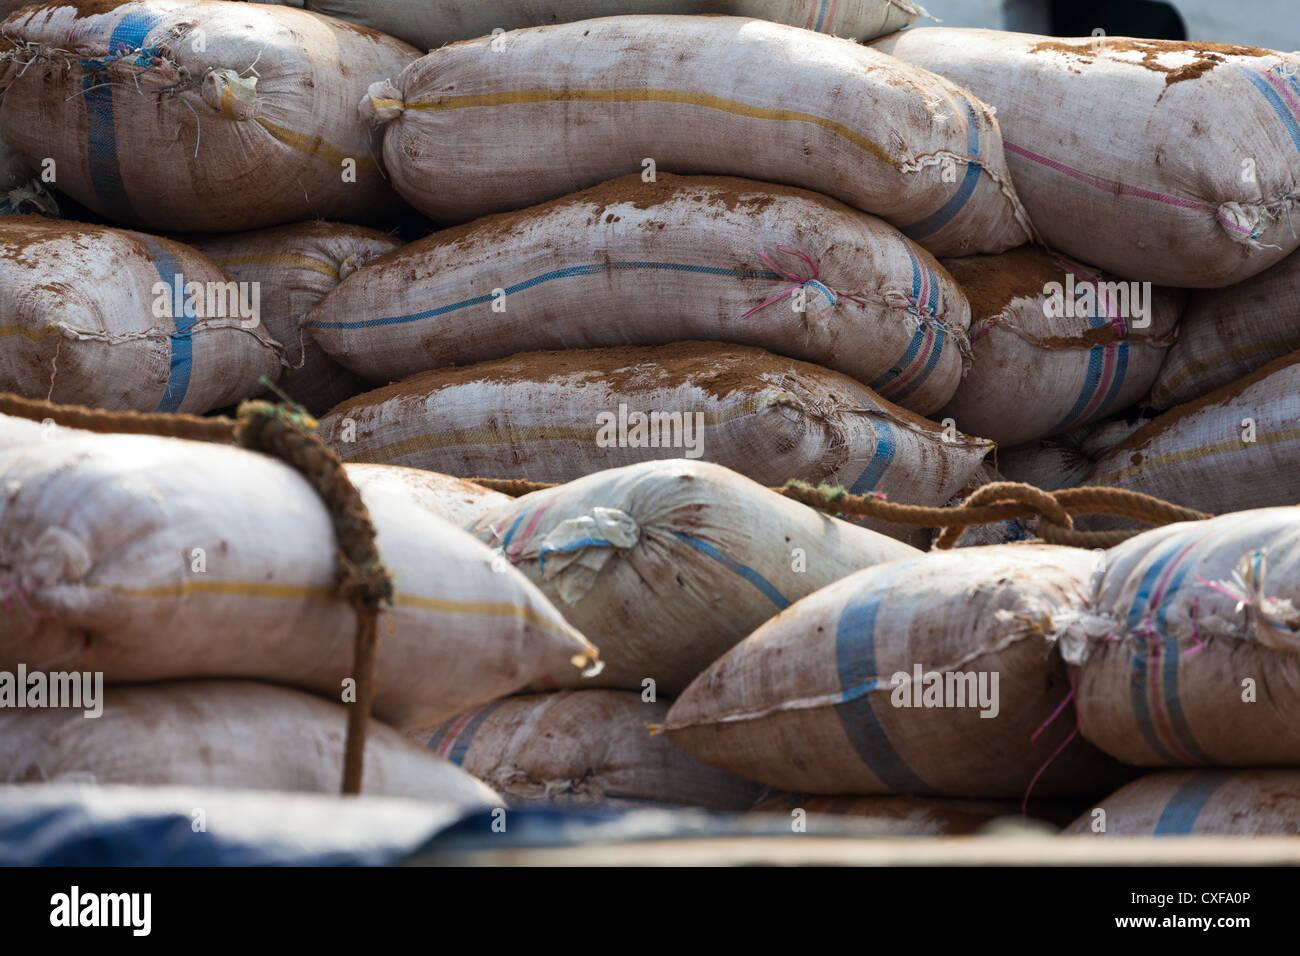 Bags in the Port Sunda Kepala in Jakarta - Stock Image